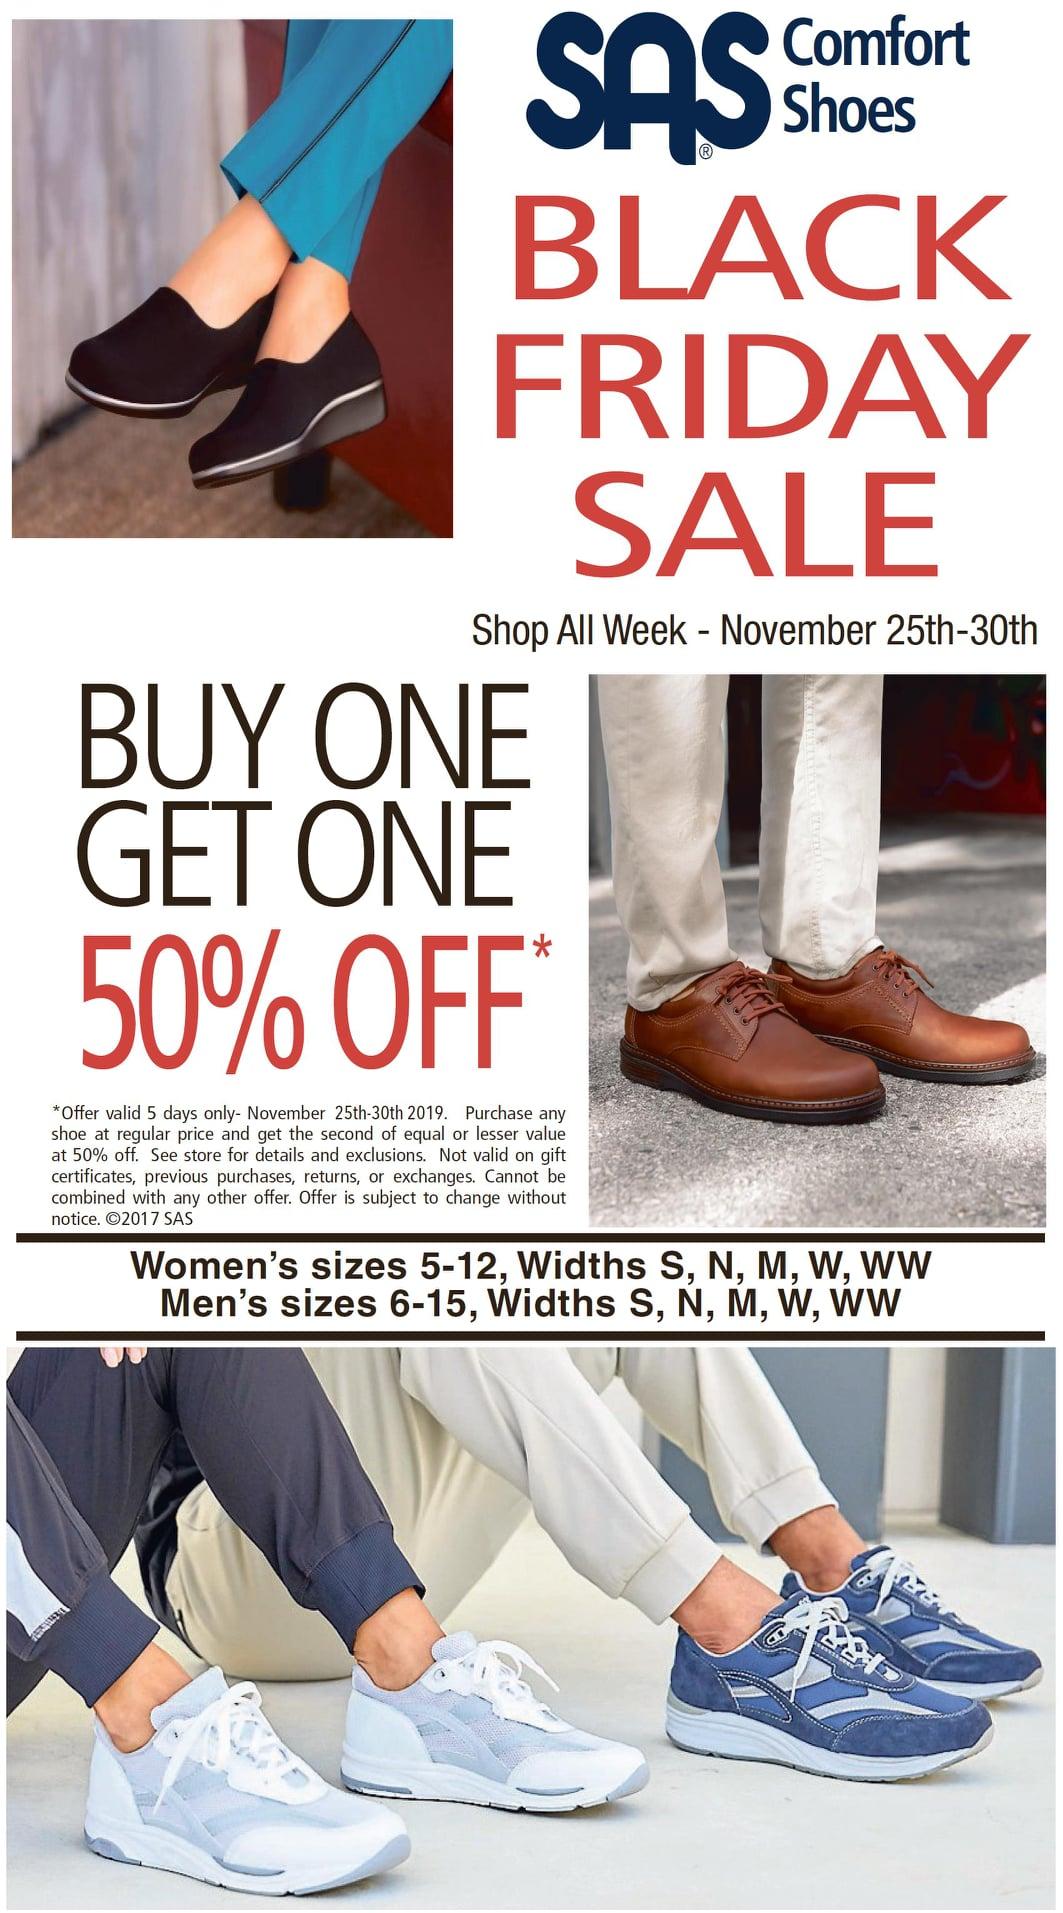 SAS Shoes 147 Jonestown Rd, Winston-Salem